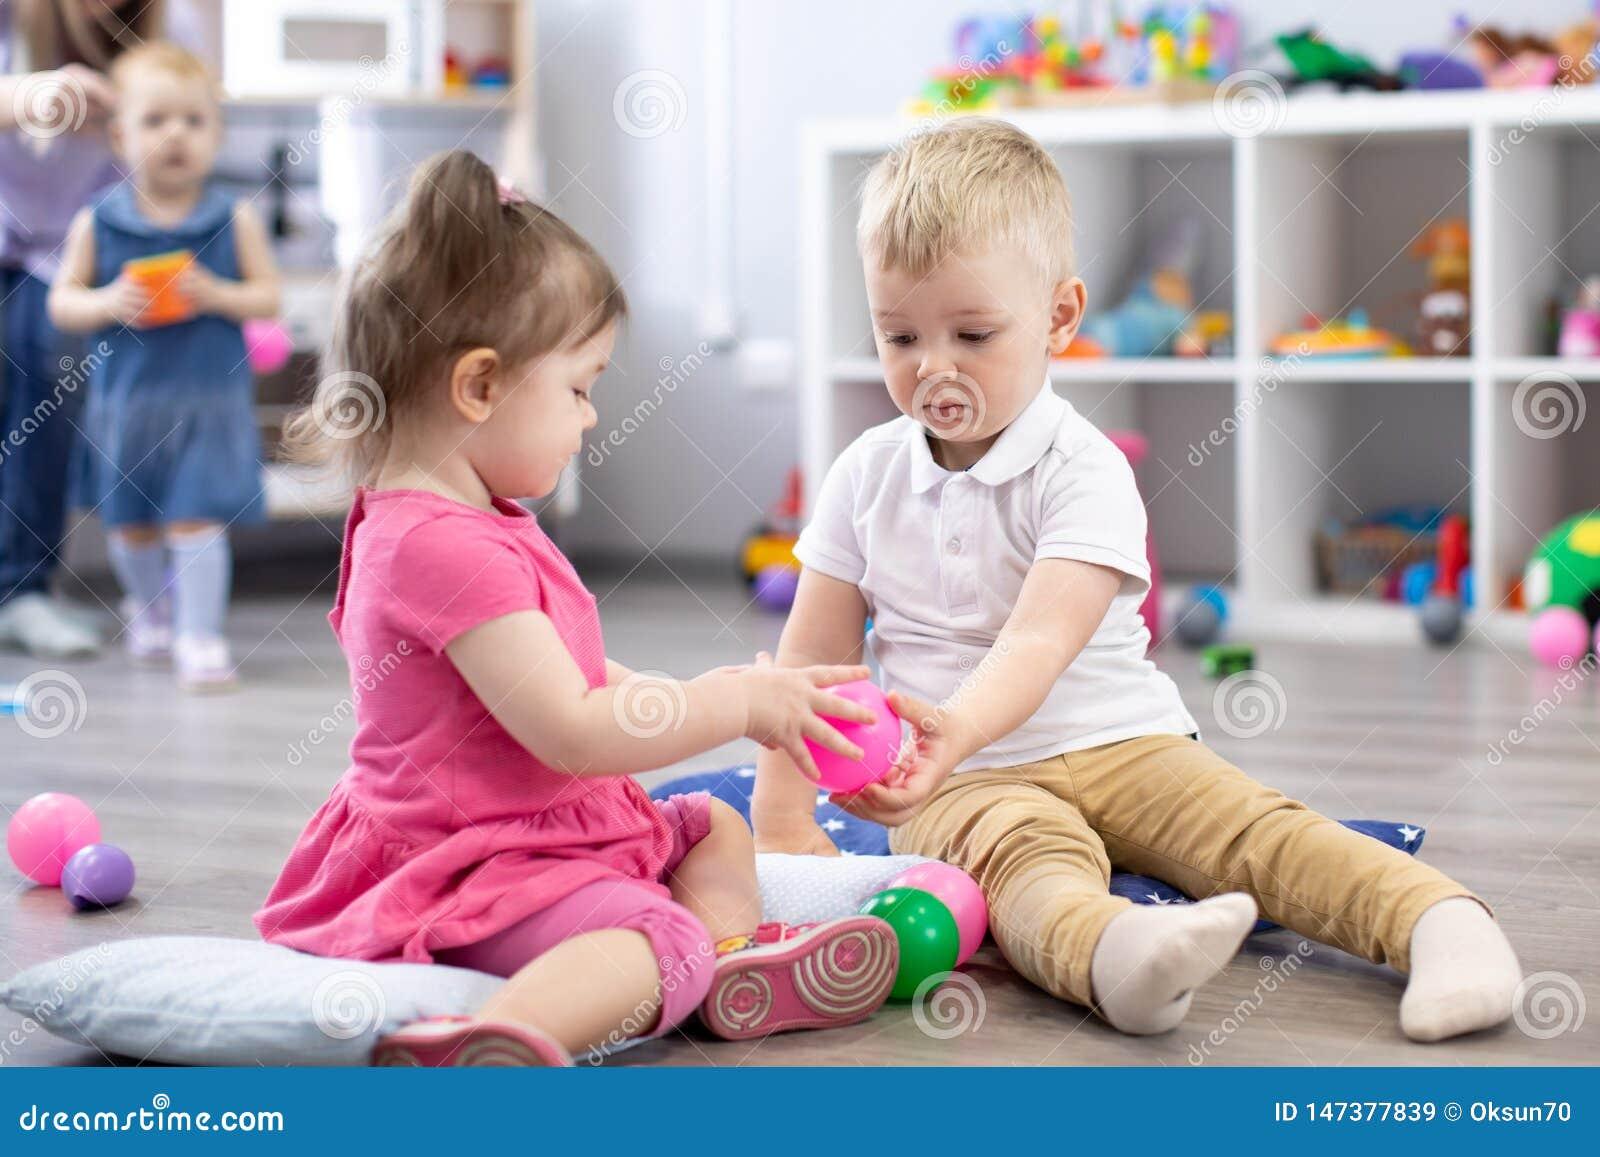 一点小孩男孩和一起使用在托儿所屋子里的女孩 学龄前孩子在日托中心